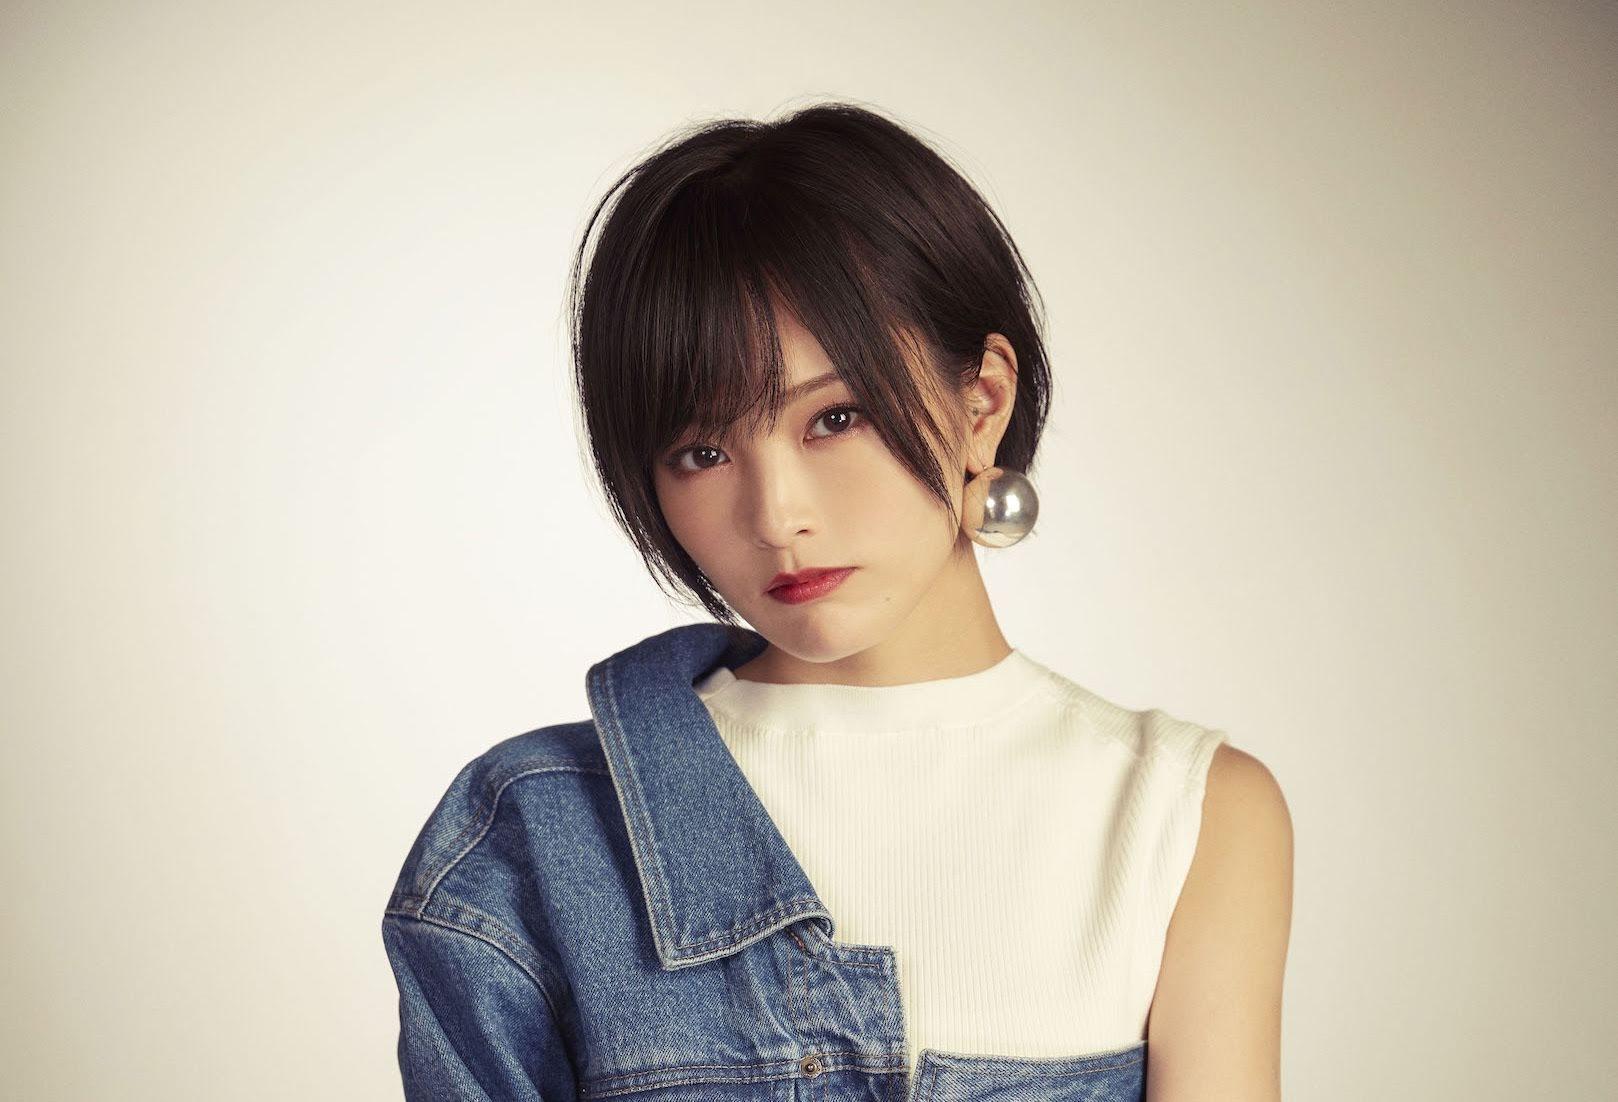 [迷迷音樂] 前NMB48成員 山本彩 一人包辦新單詞曲 邀來 龜田誠治 擔任編曲